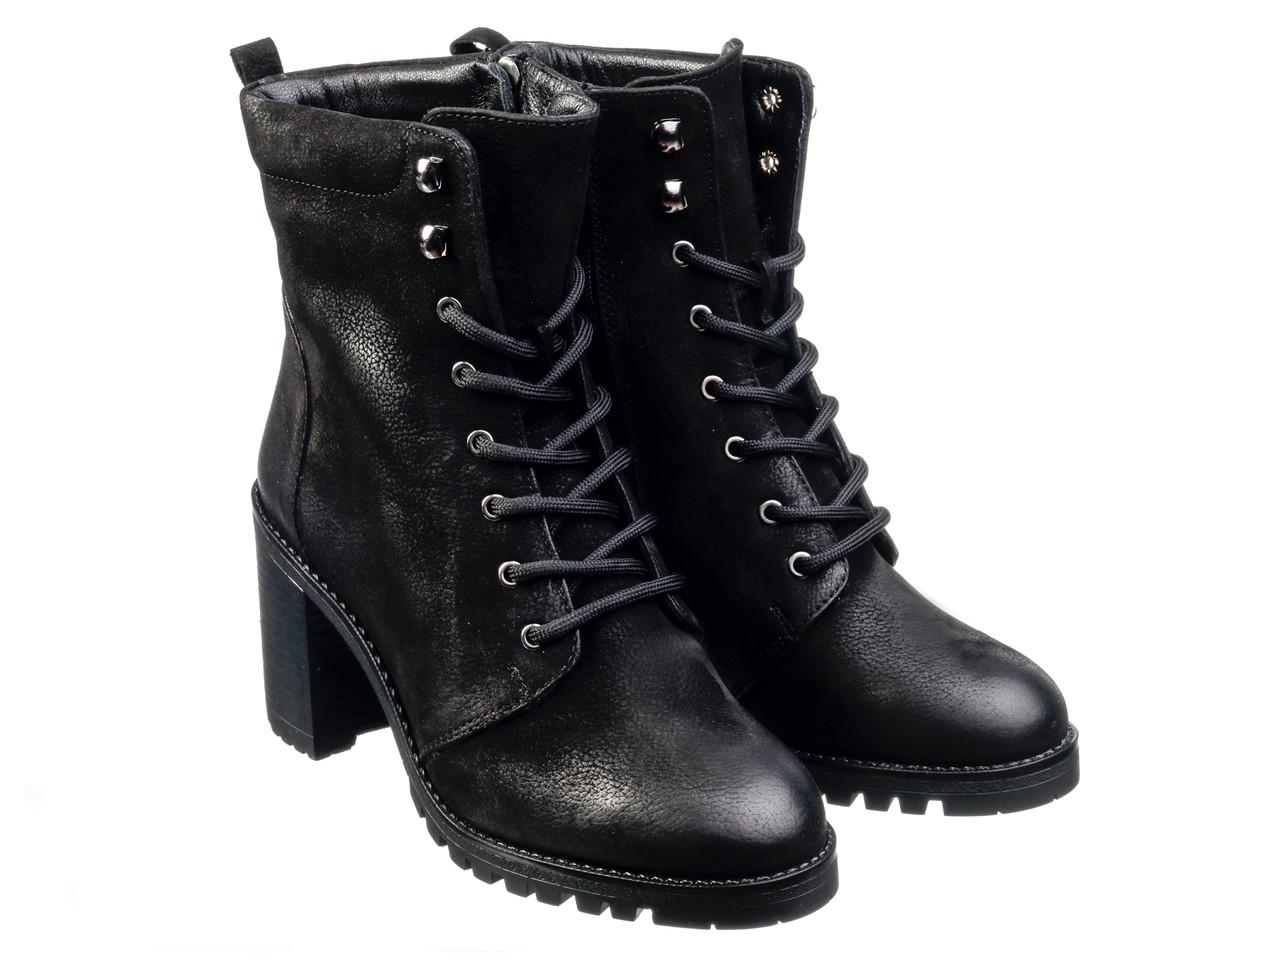 Ботинки Etor 7156-09696-1 черные